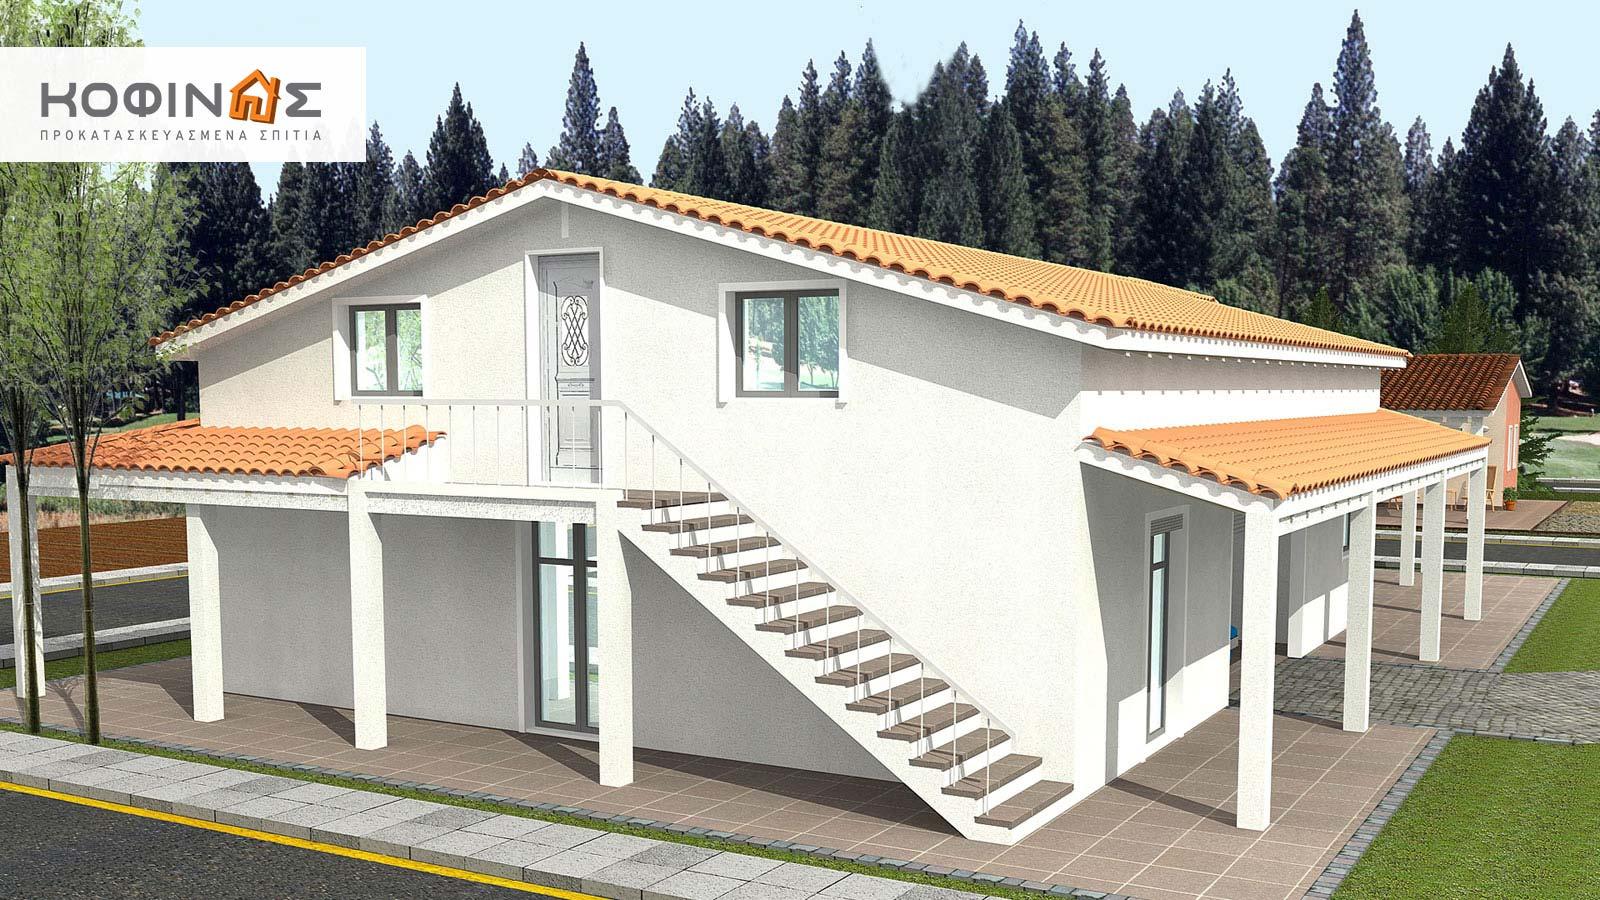 Ισόγεια Κατοικία με Σοφίτα IS-234,συνολικής επιφάνειας 234,80τ.μ.0